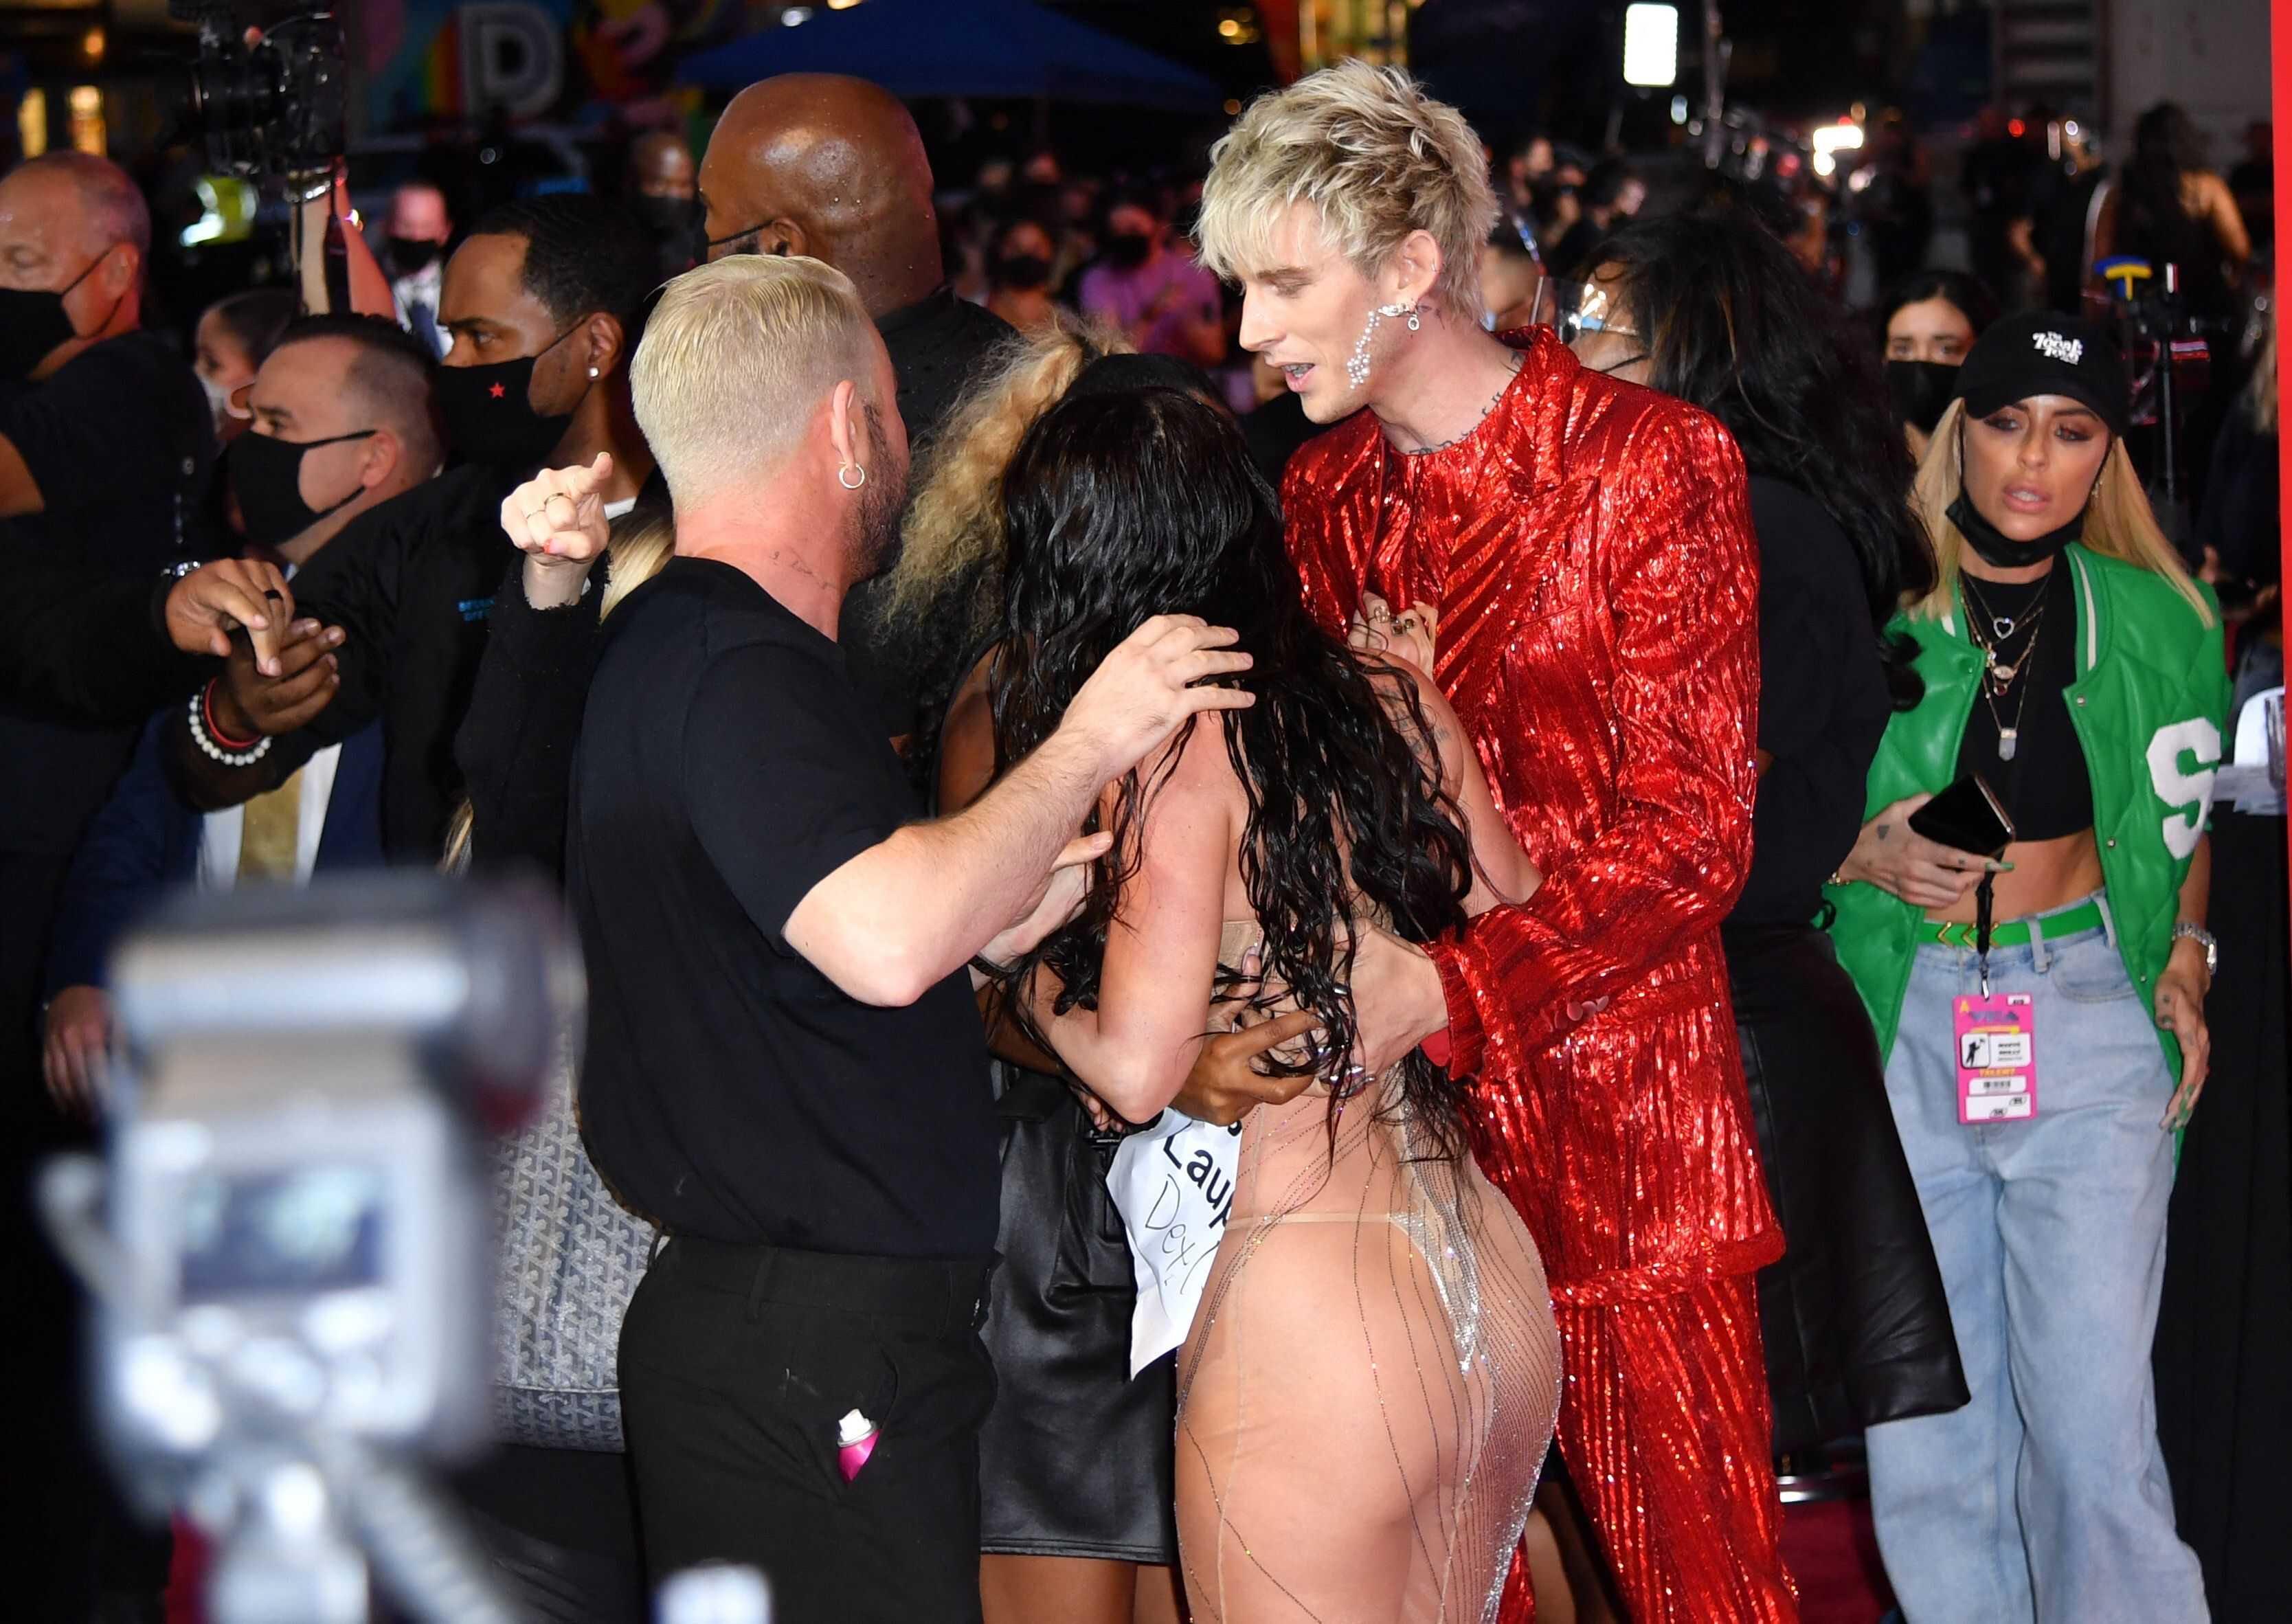 Меган Фокс вновь покорила публику, появившись на красной дорожке в супер-откровенном платье